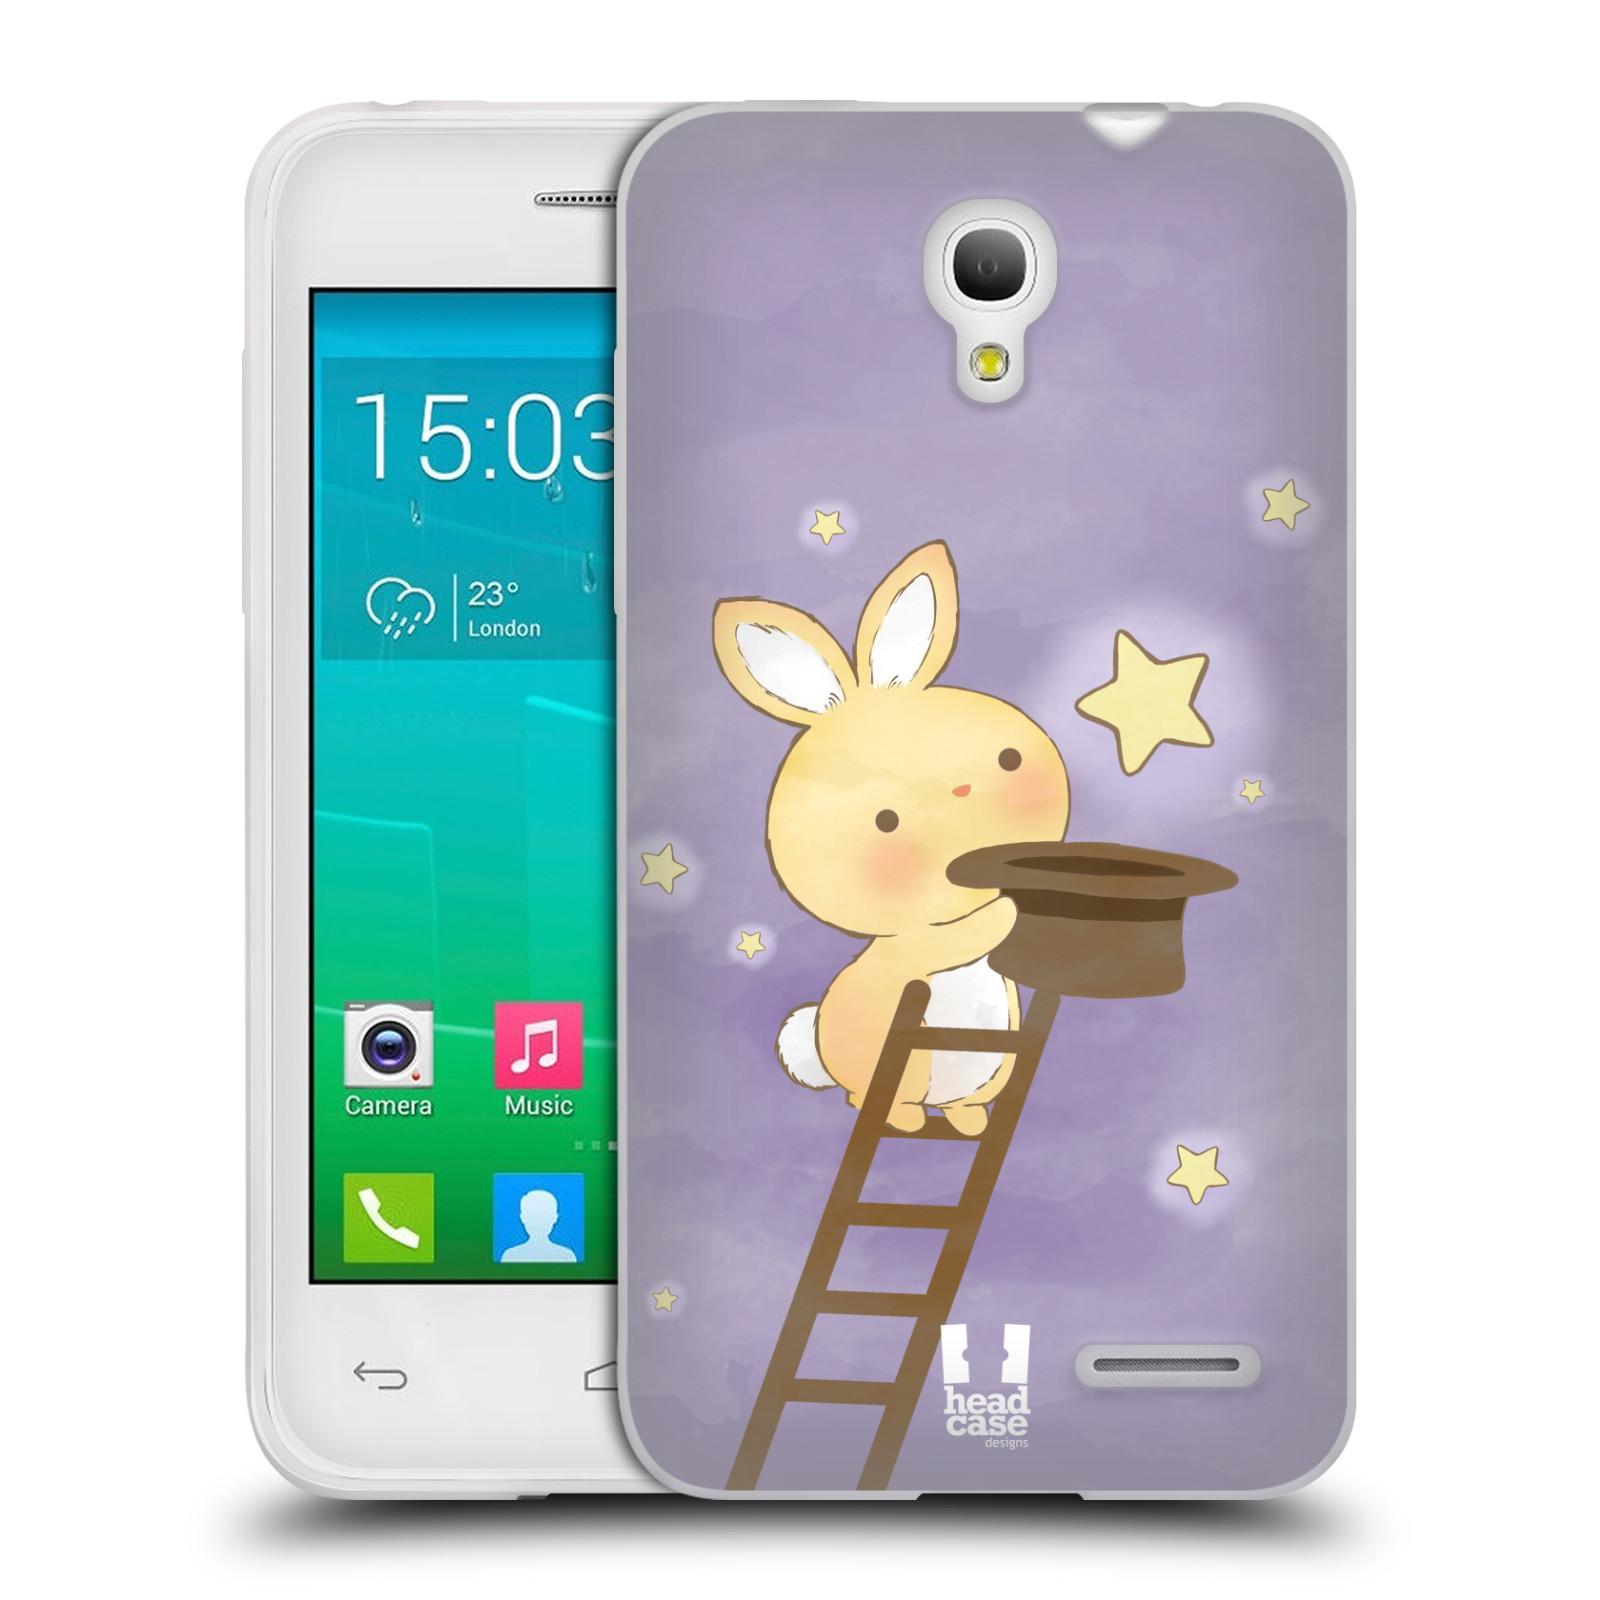 HEAD CASE silikonový obal na mobil Alcatel POP S3 OT-5050Y vzor králíček a hvězdy fialová